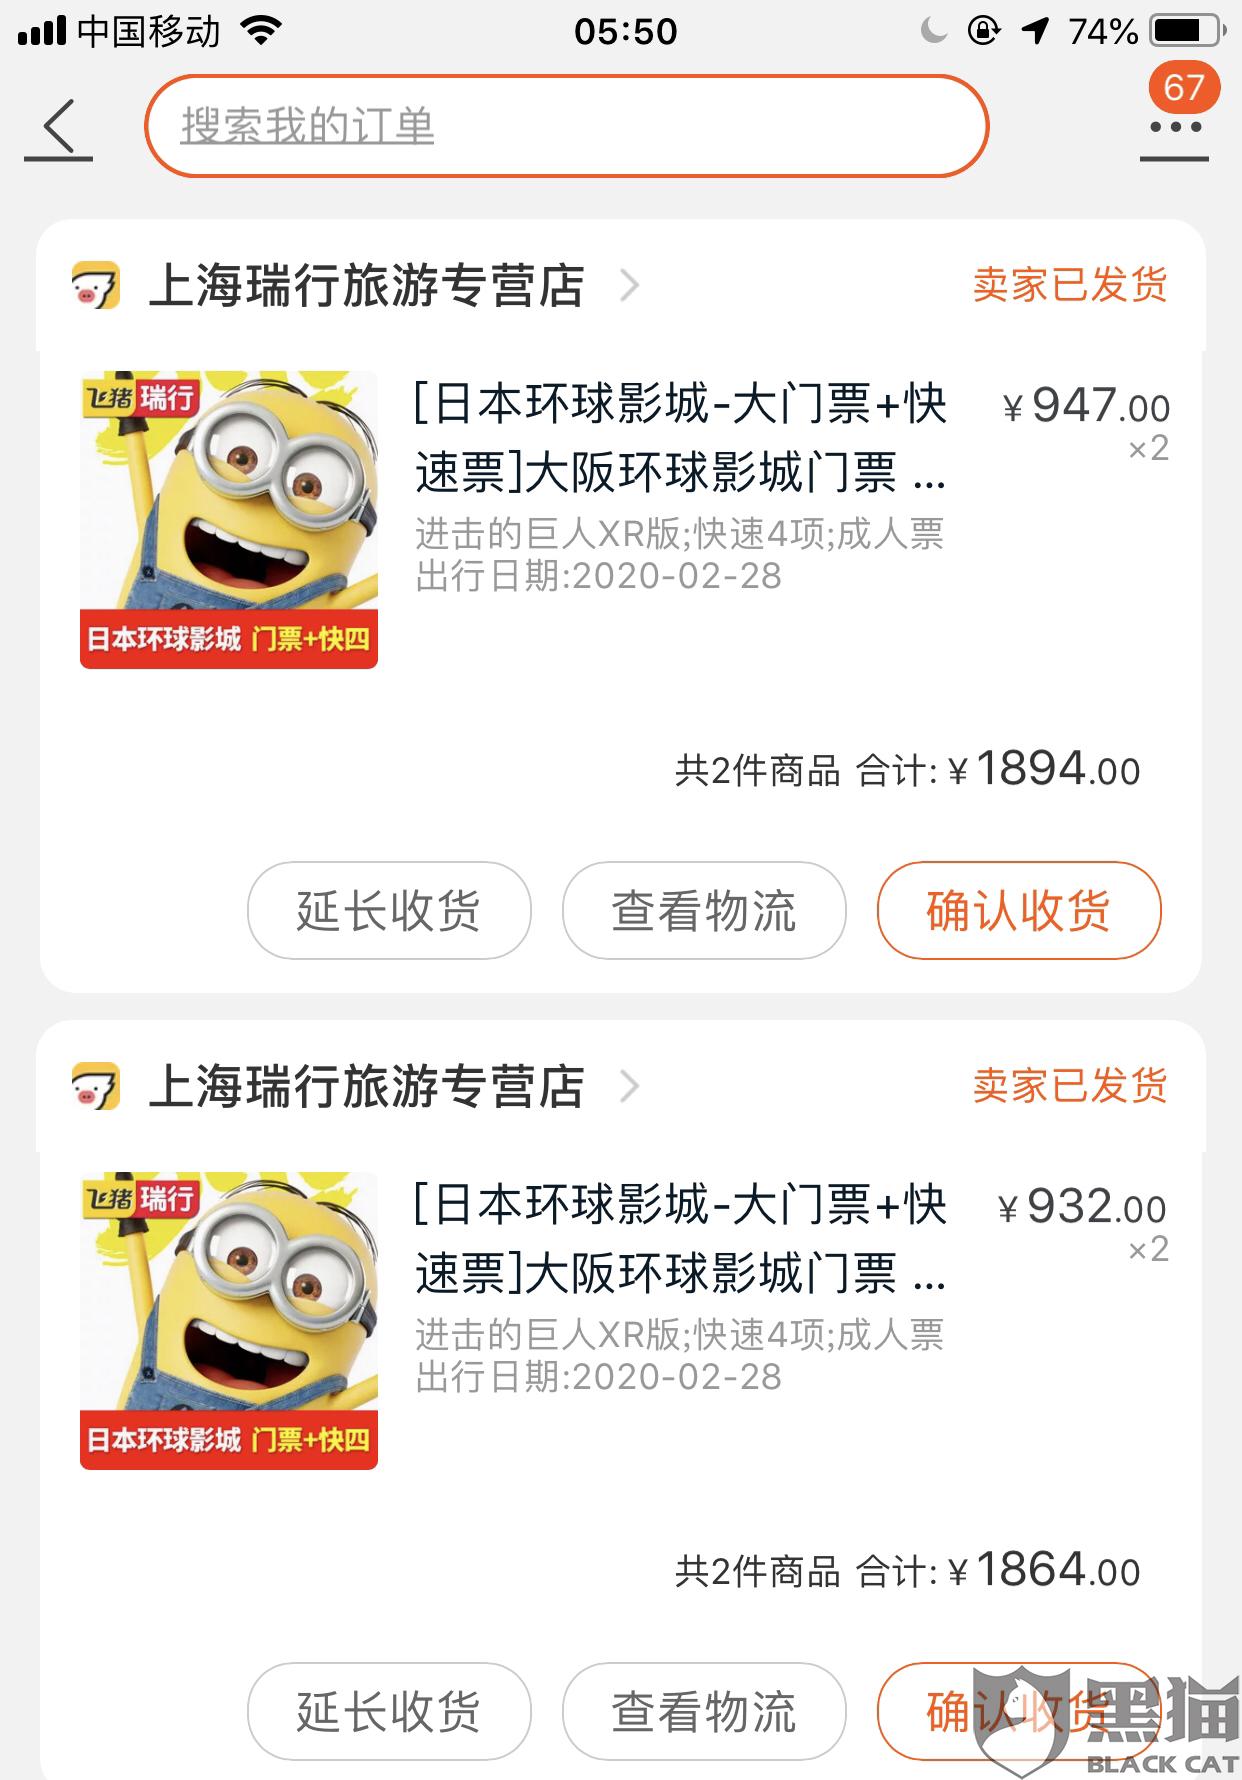 黑猫投诉:淘宝店铺:上海瑞行旅游专营店,飞猪旅行